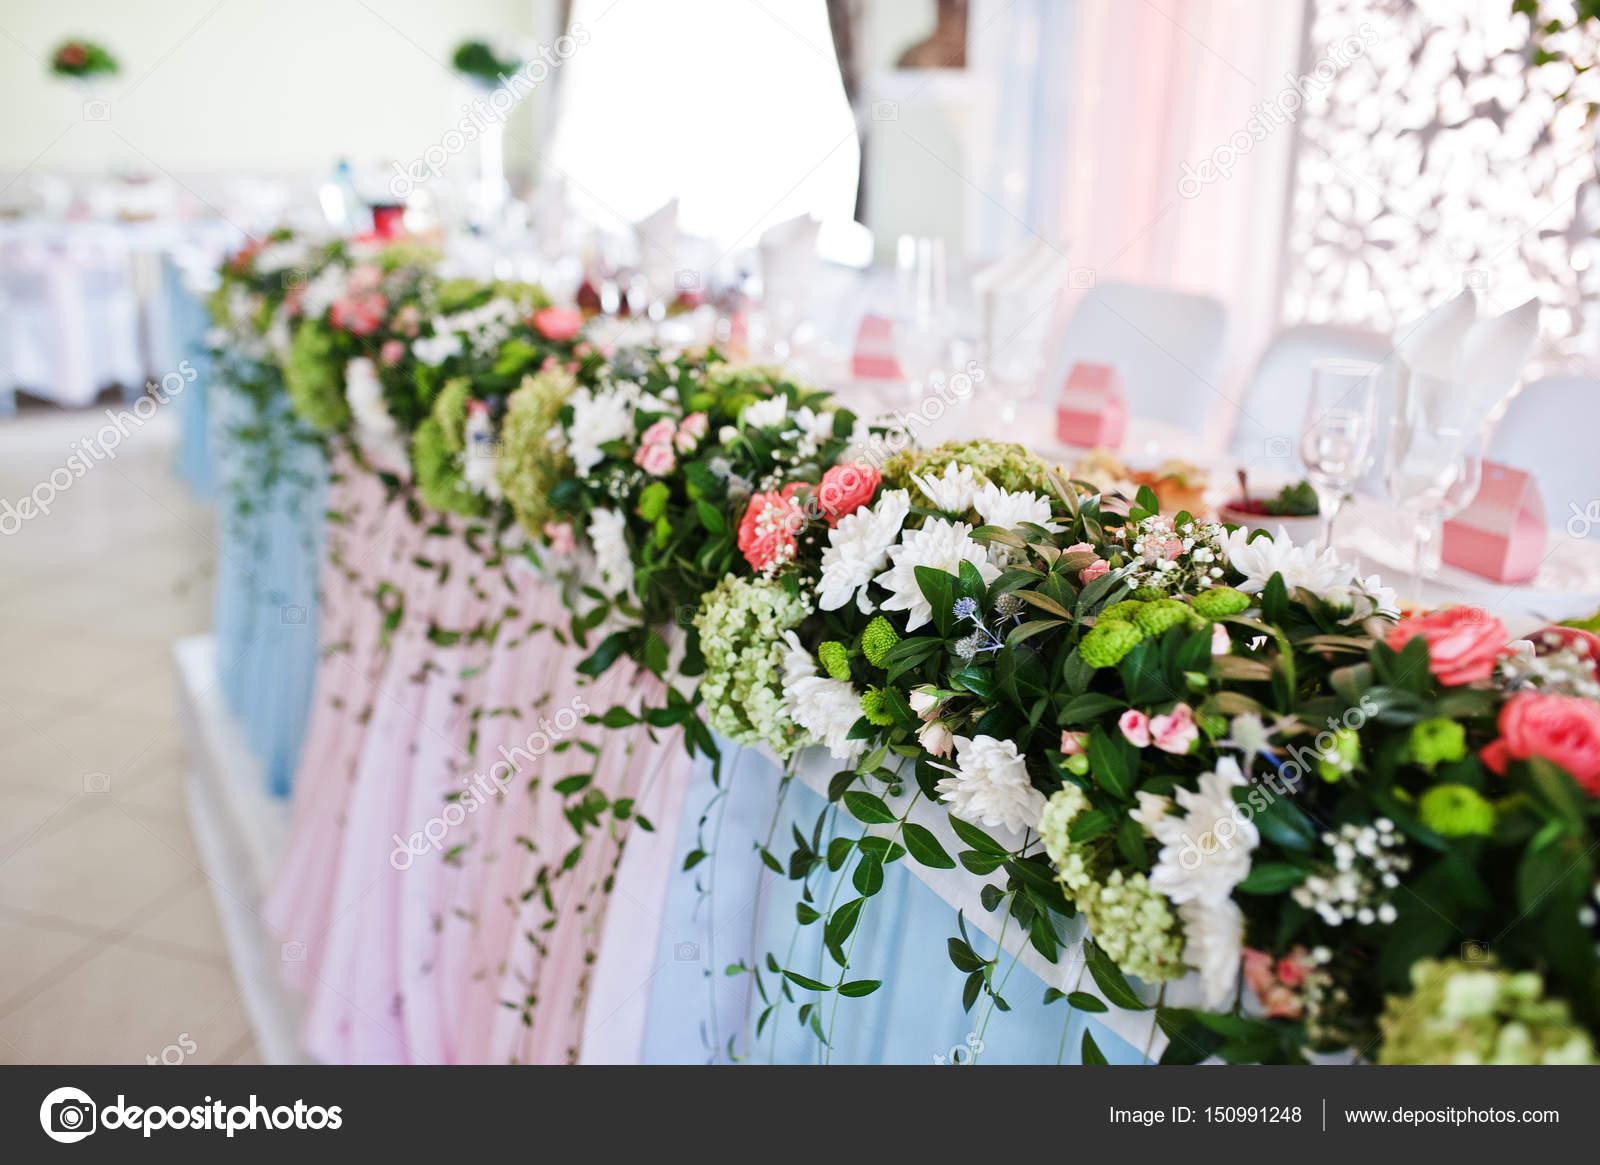 Dekor Mit Blumen Auf Hochzeitstisch Von Brautpaaren Stockfoto C Asphoto777 150991248